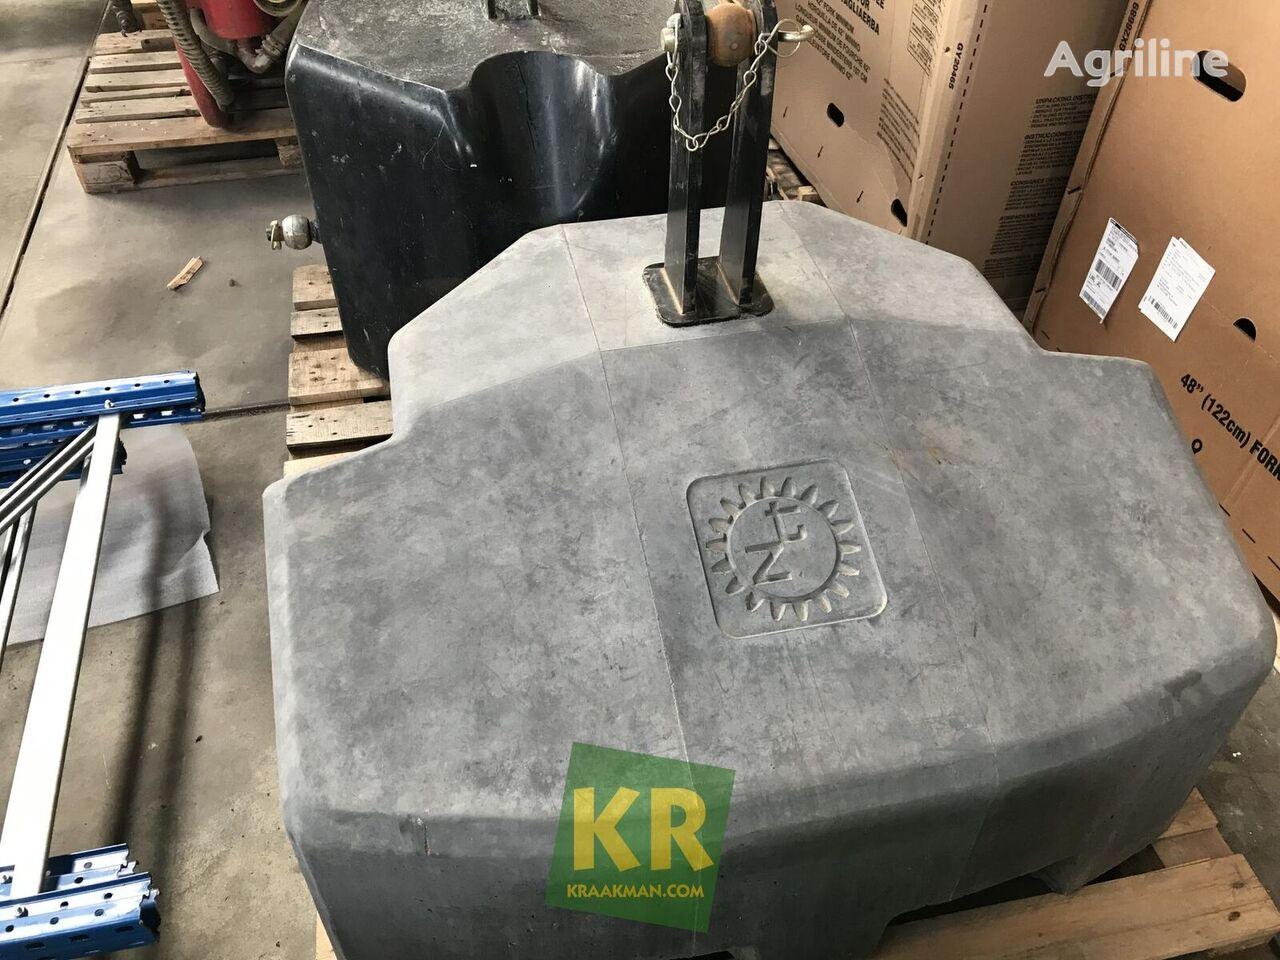 Zuidberg 800 kg contrapeso de tractor